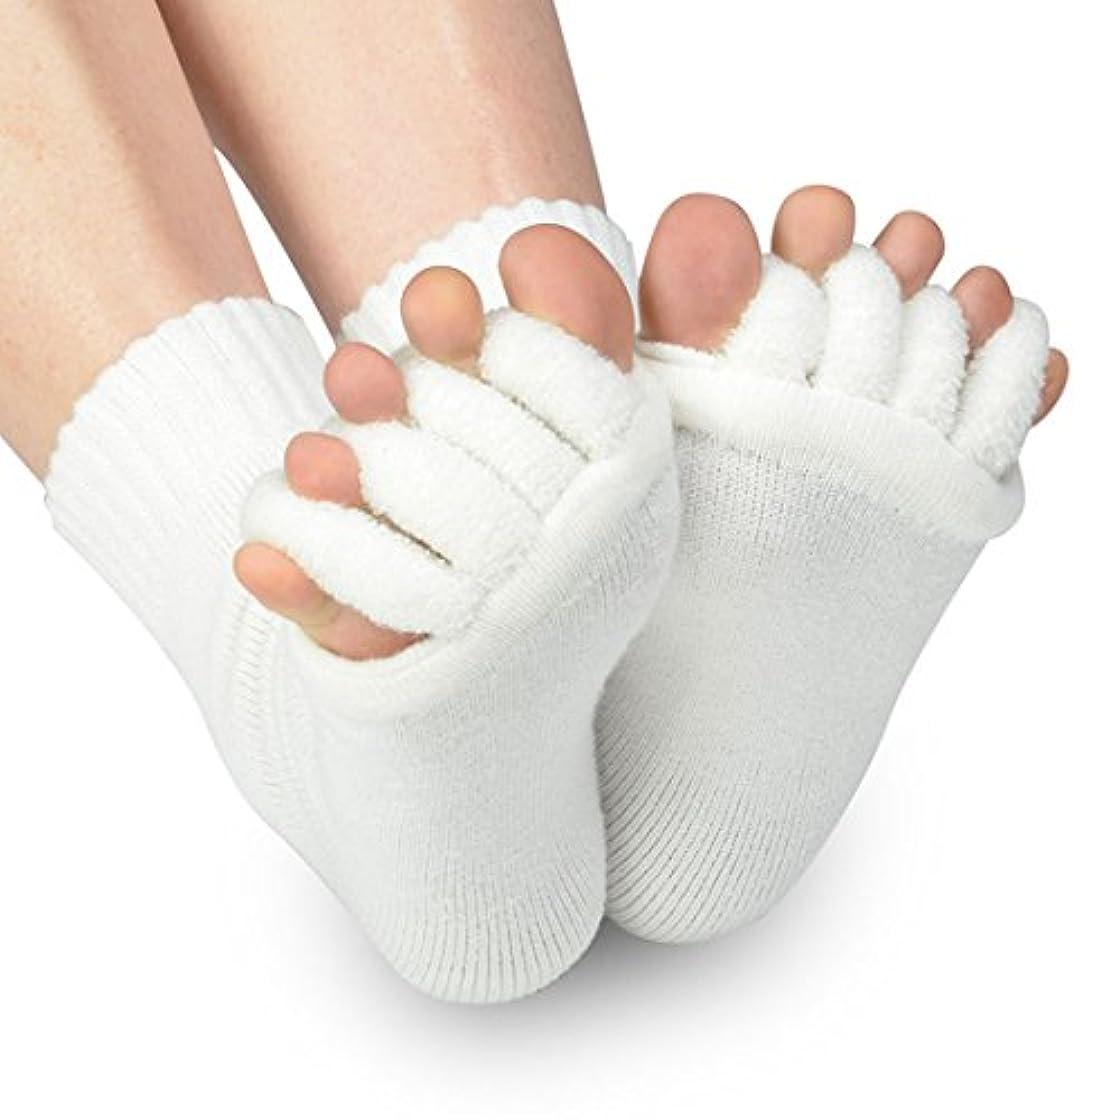 チャーミング手紙を書くモニカB-PING 靴下 足指開き綿混5本指ハーフソックス 血行不良からくる足のむくみを即解消 足指開き 足指全開 男女兼用 履くだけで癒される 偏平足 対策 むくみ解消